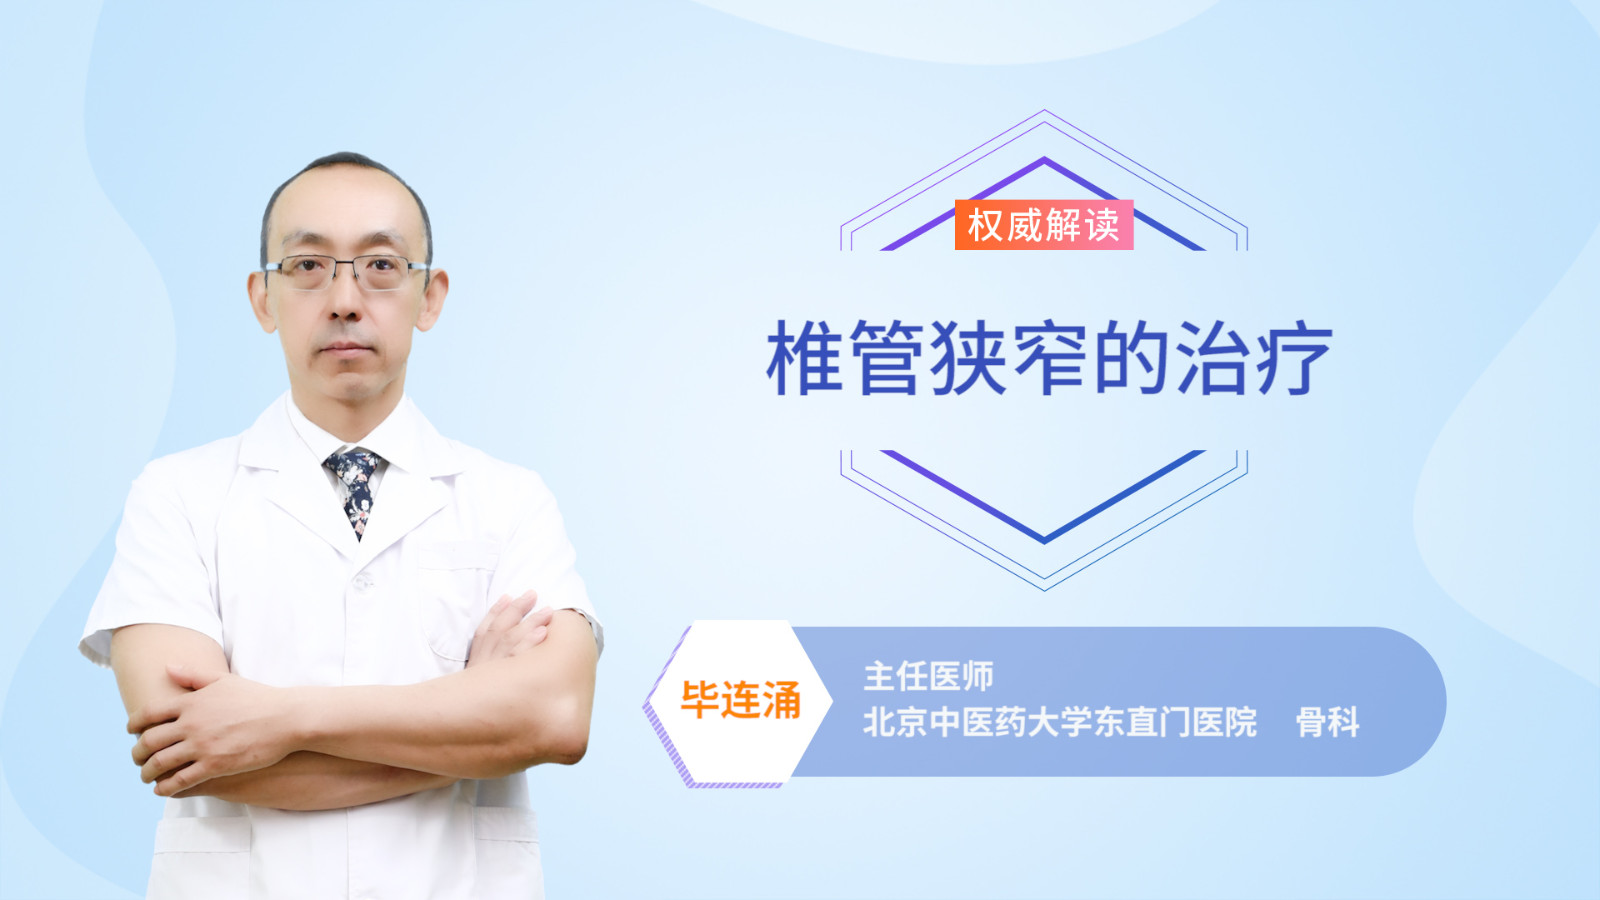 椎管狭窄的治疗